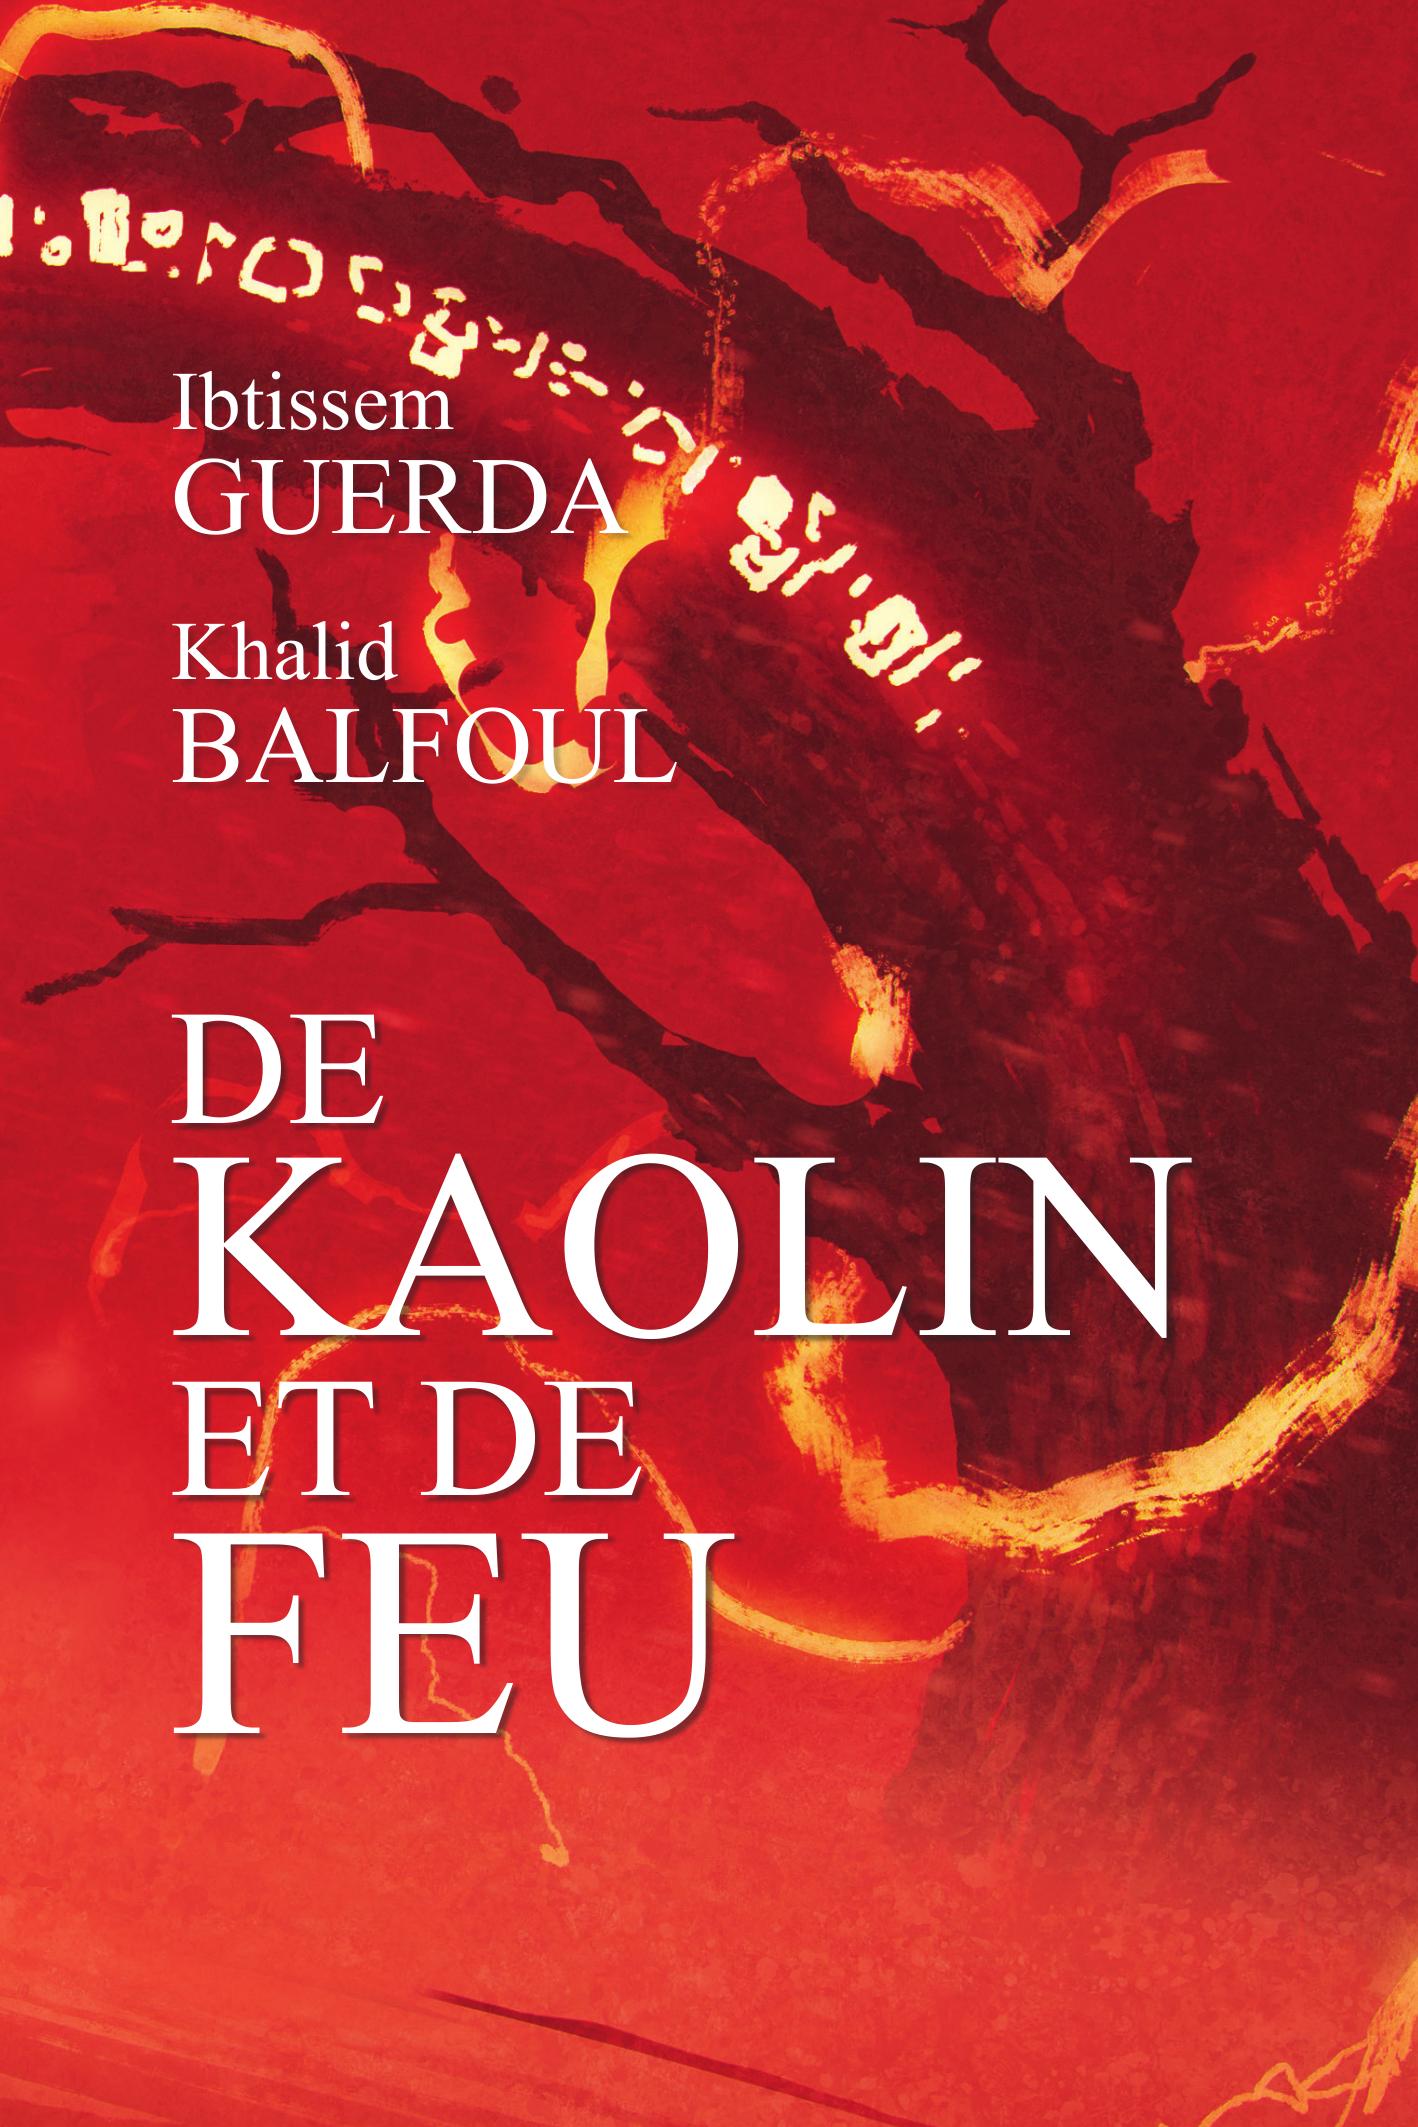 De Kaolin et de Feu